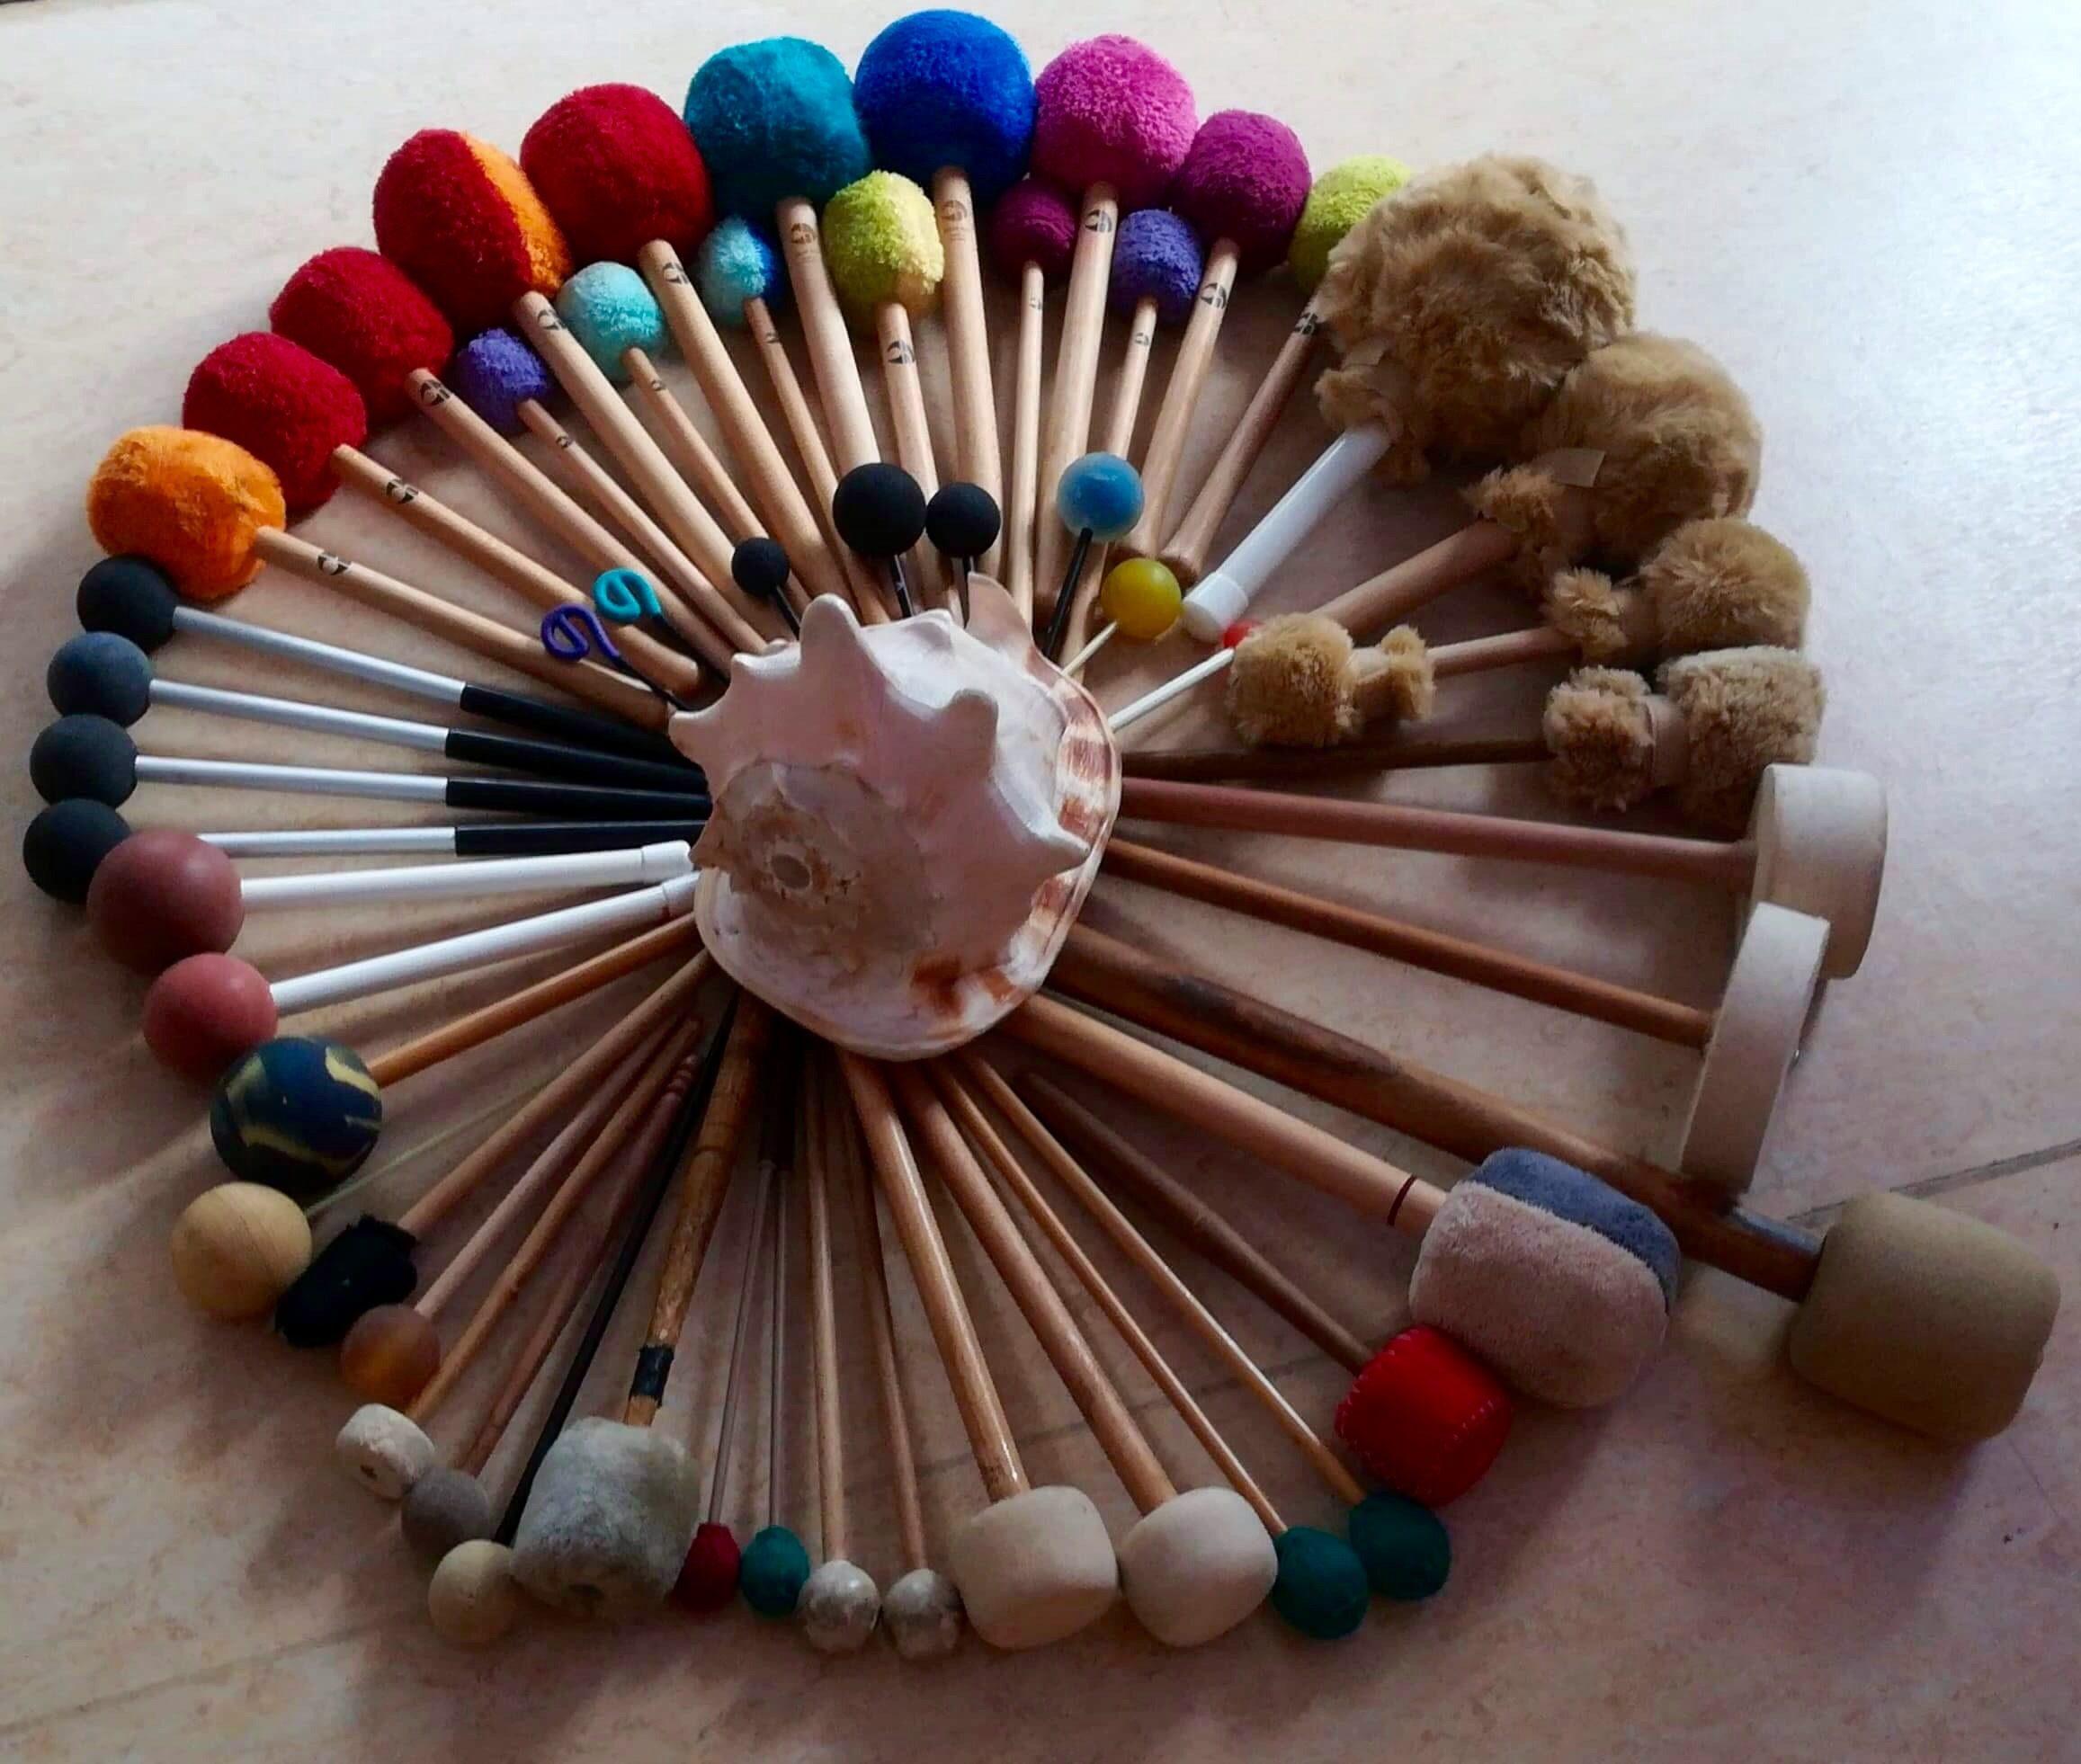 47 Gongklöppel im Kreis angeordnet, auf dem Mittelpunkt liegt eine Muschel